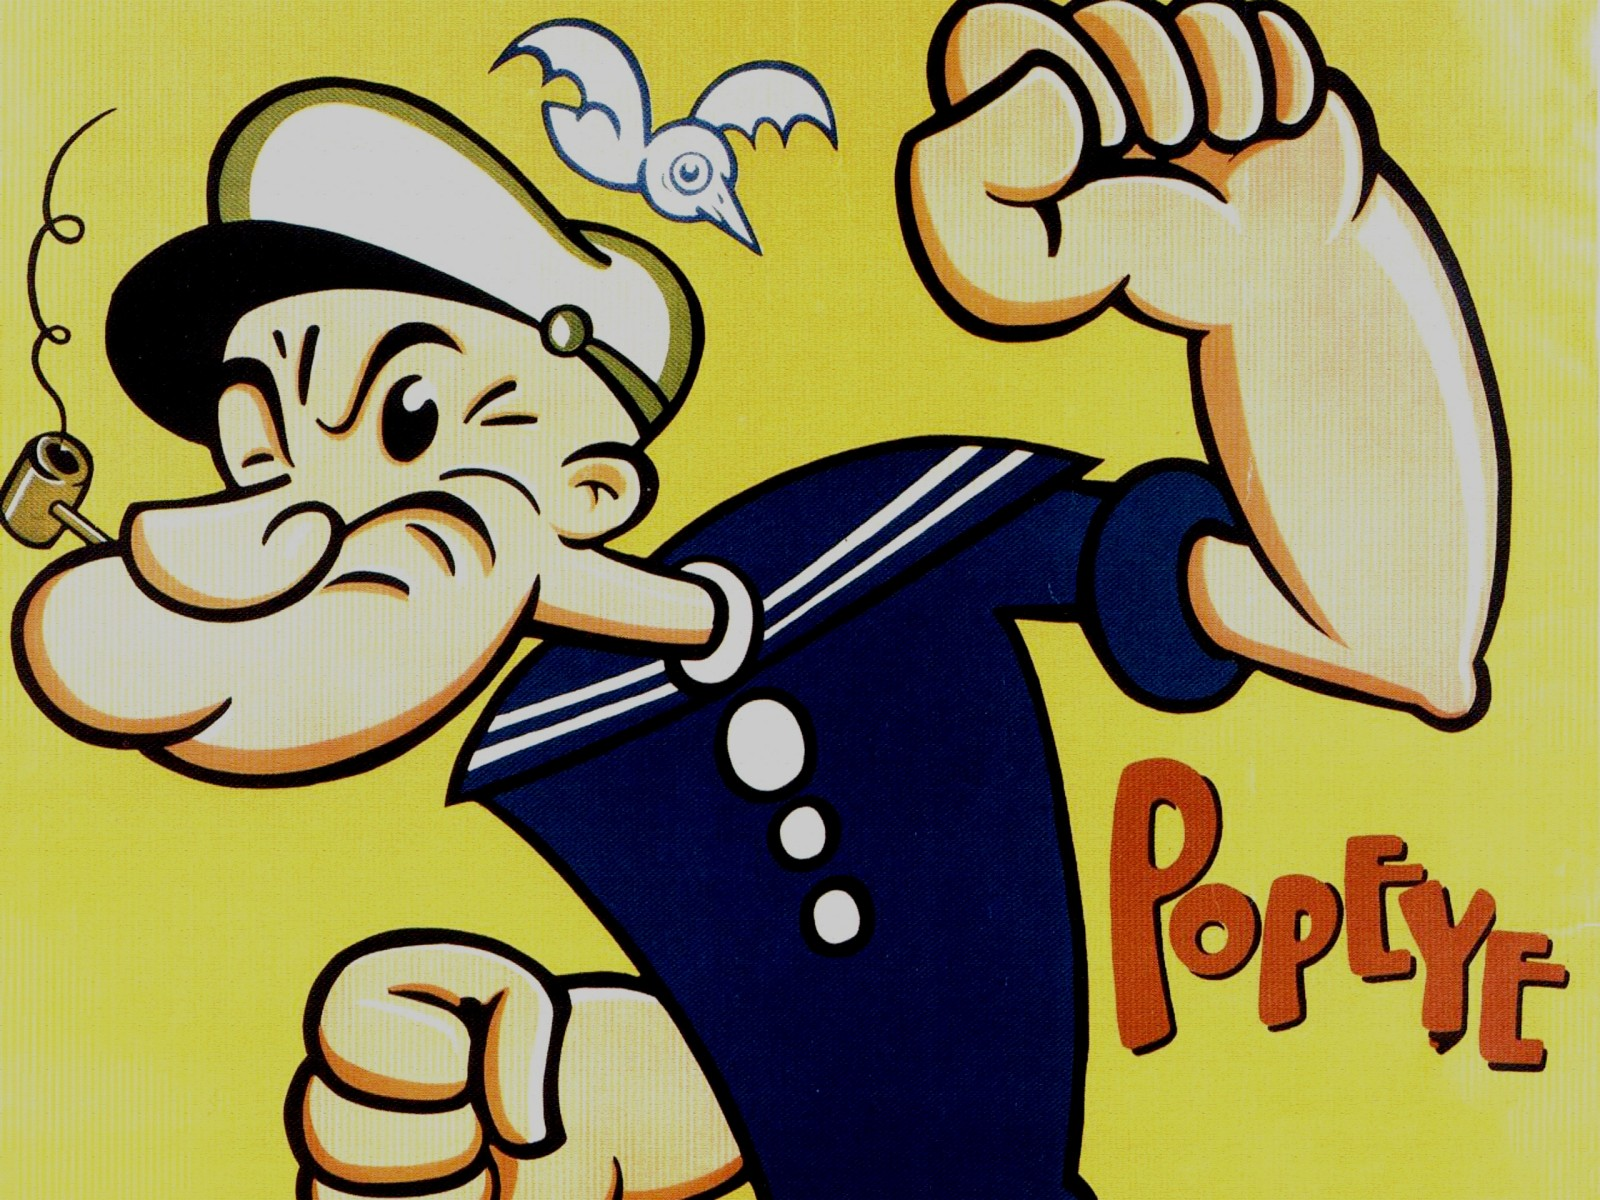 popeye the sailor man wiki